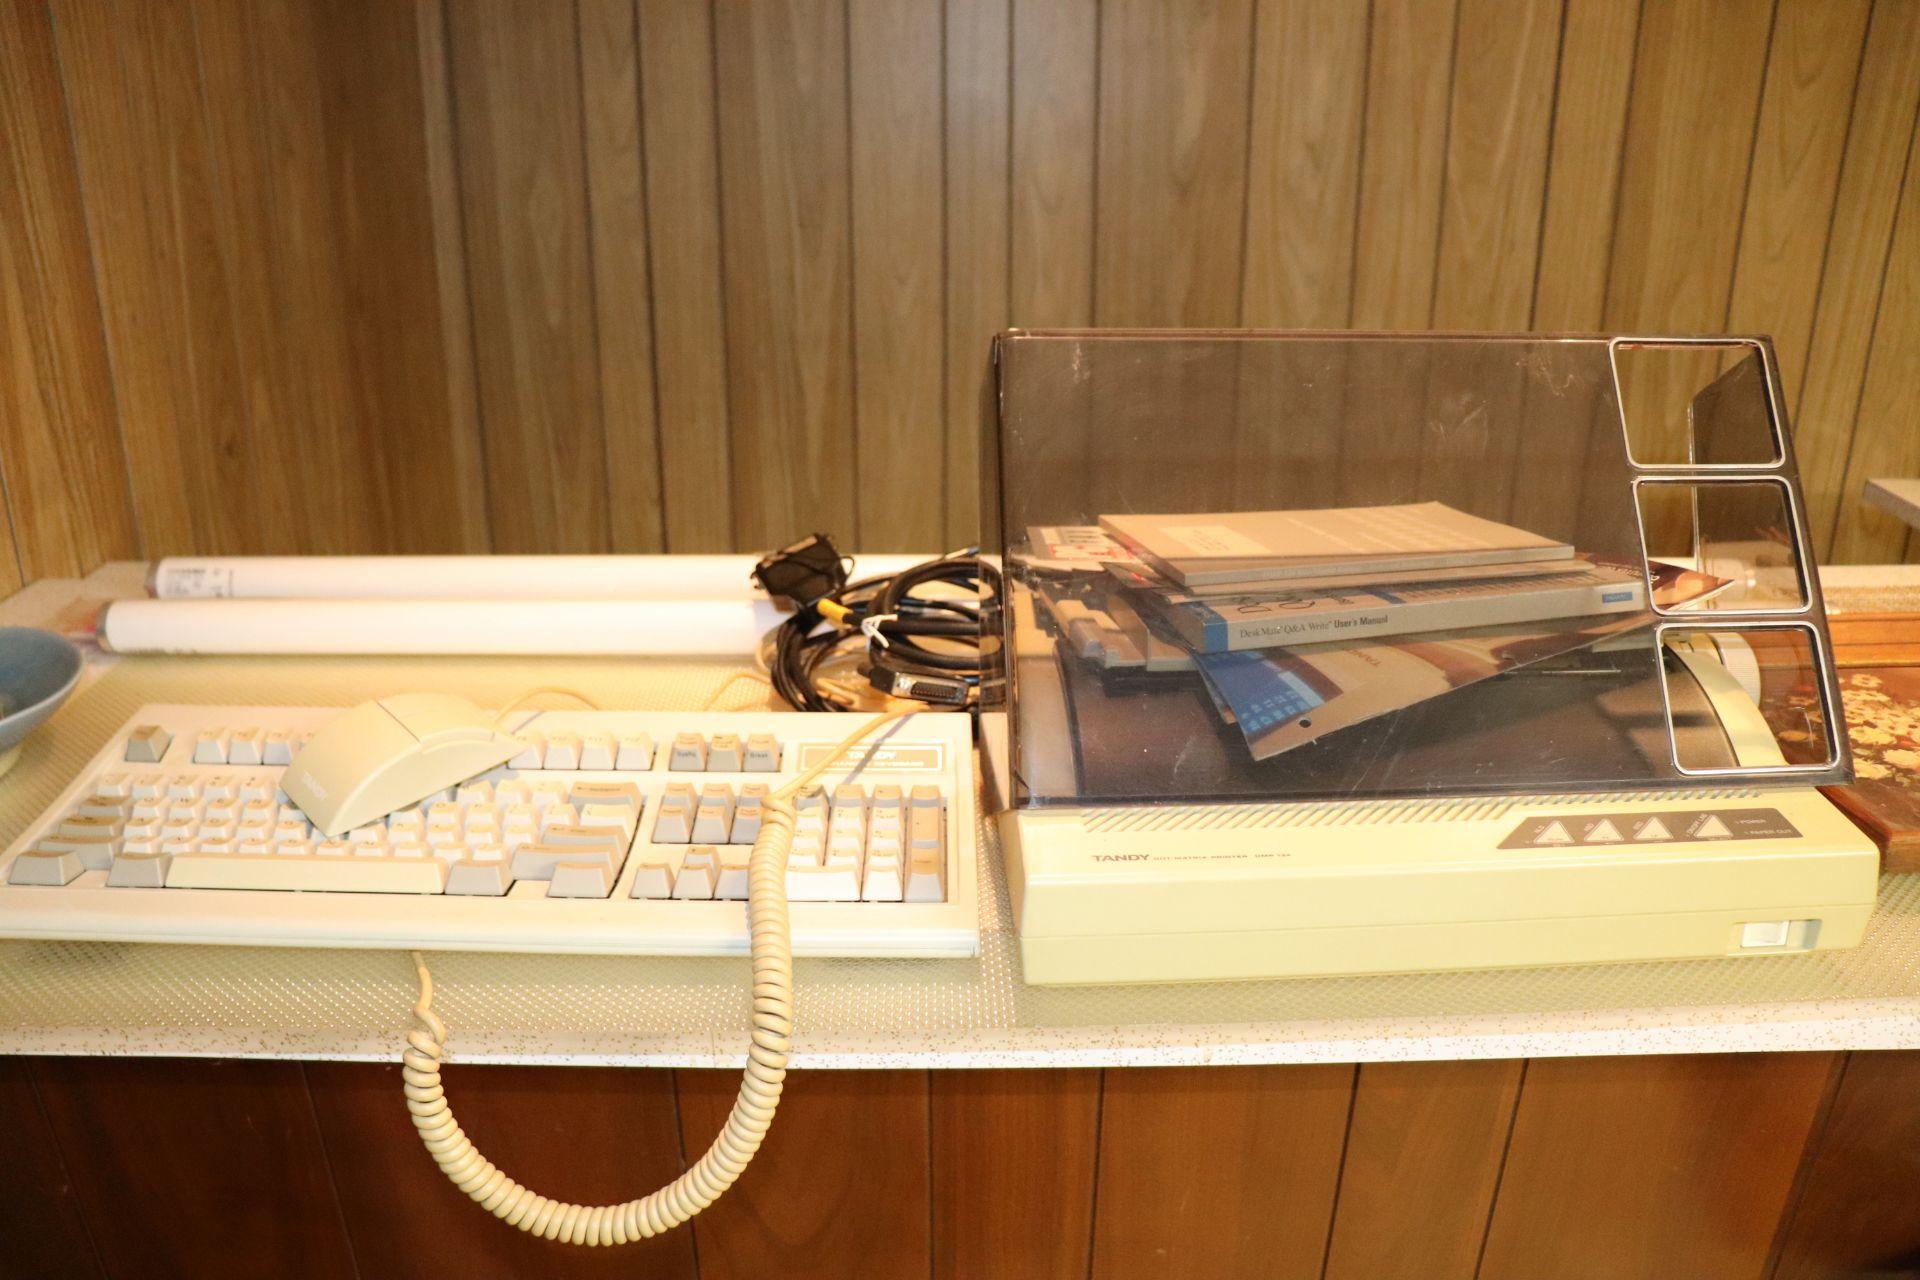 Tandy computer, 1000RL, with monitor, hard drive, keyboard, mouse, Tandy Dot Matrix printer model DM - Image 2 of 2